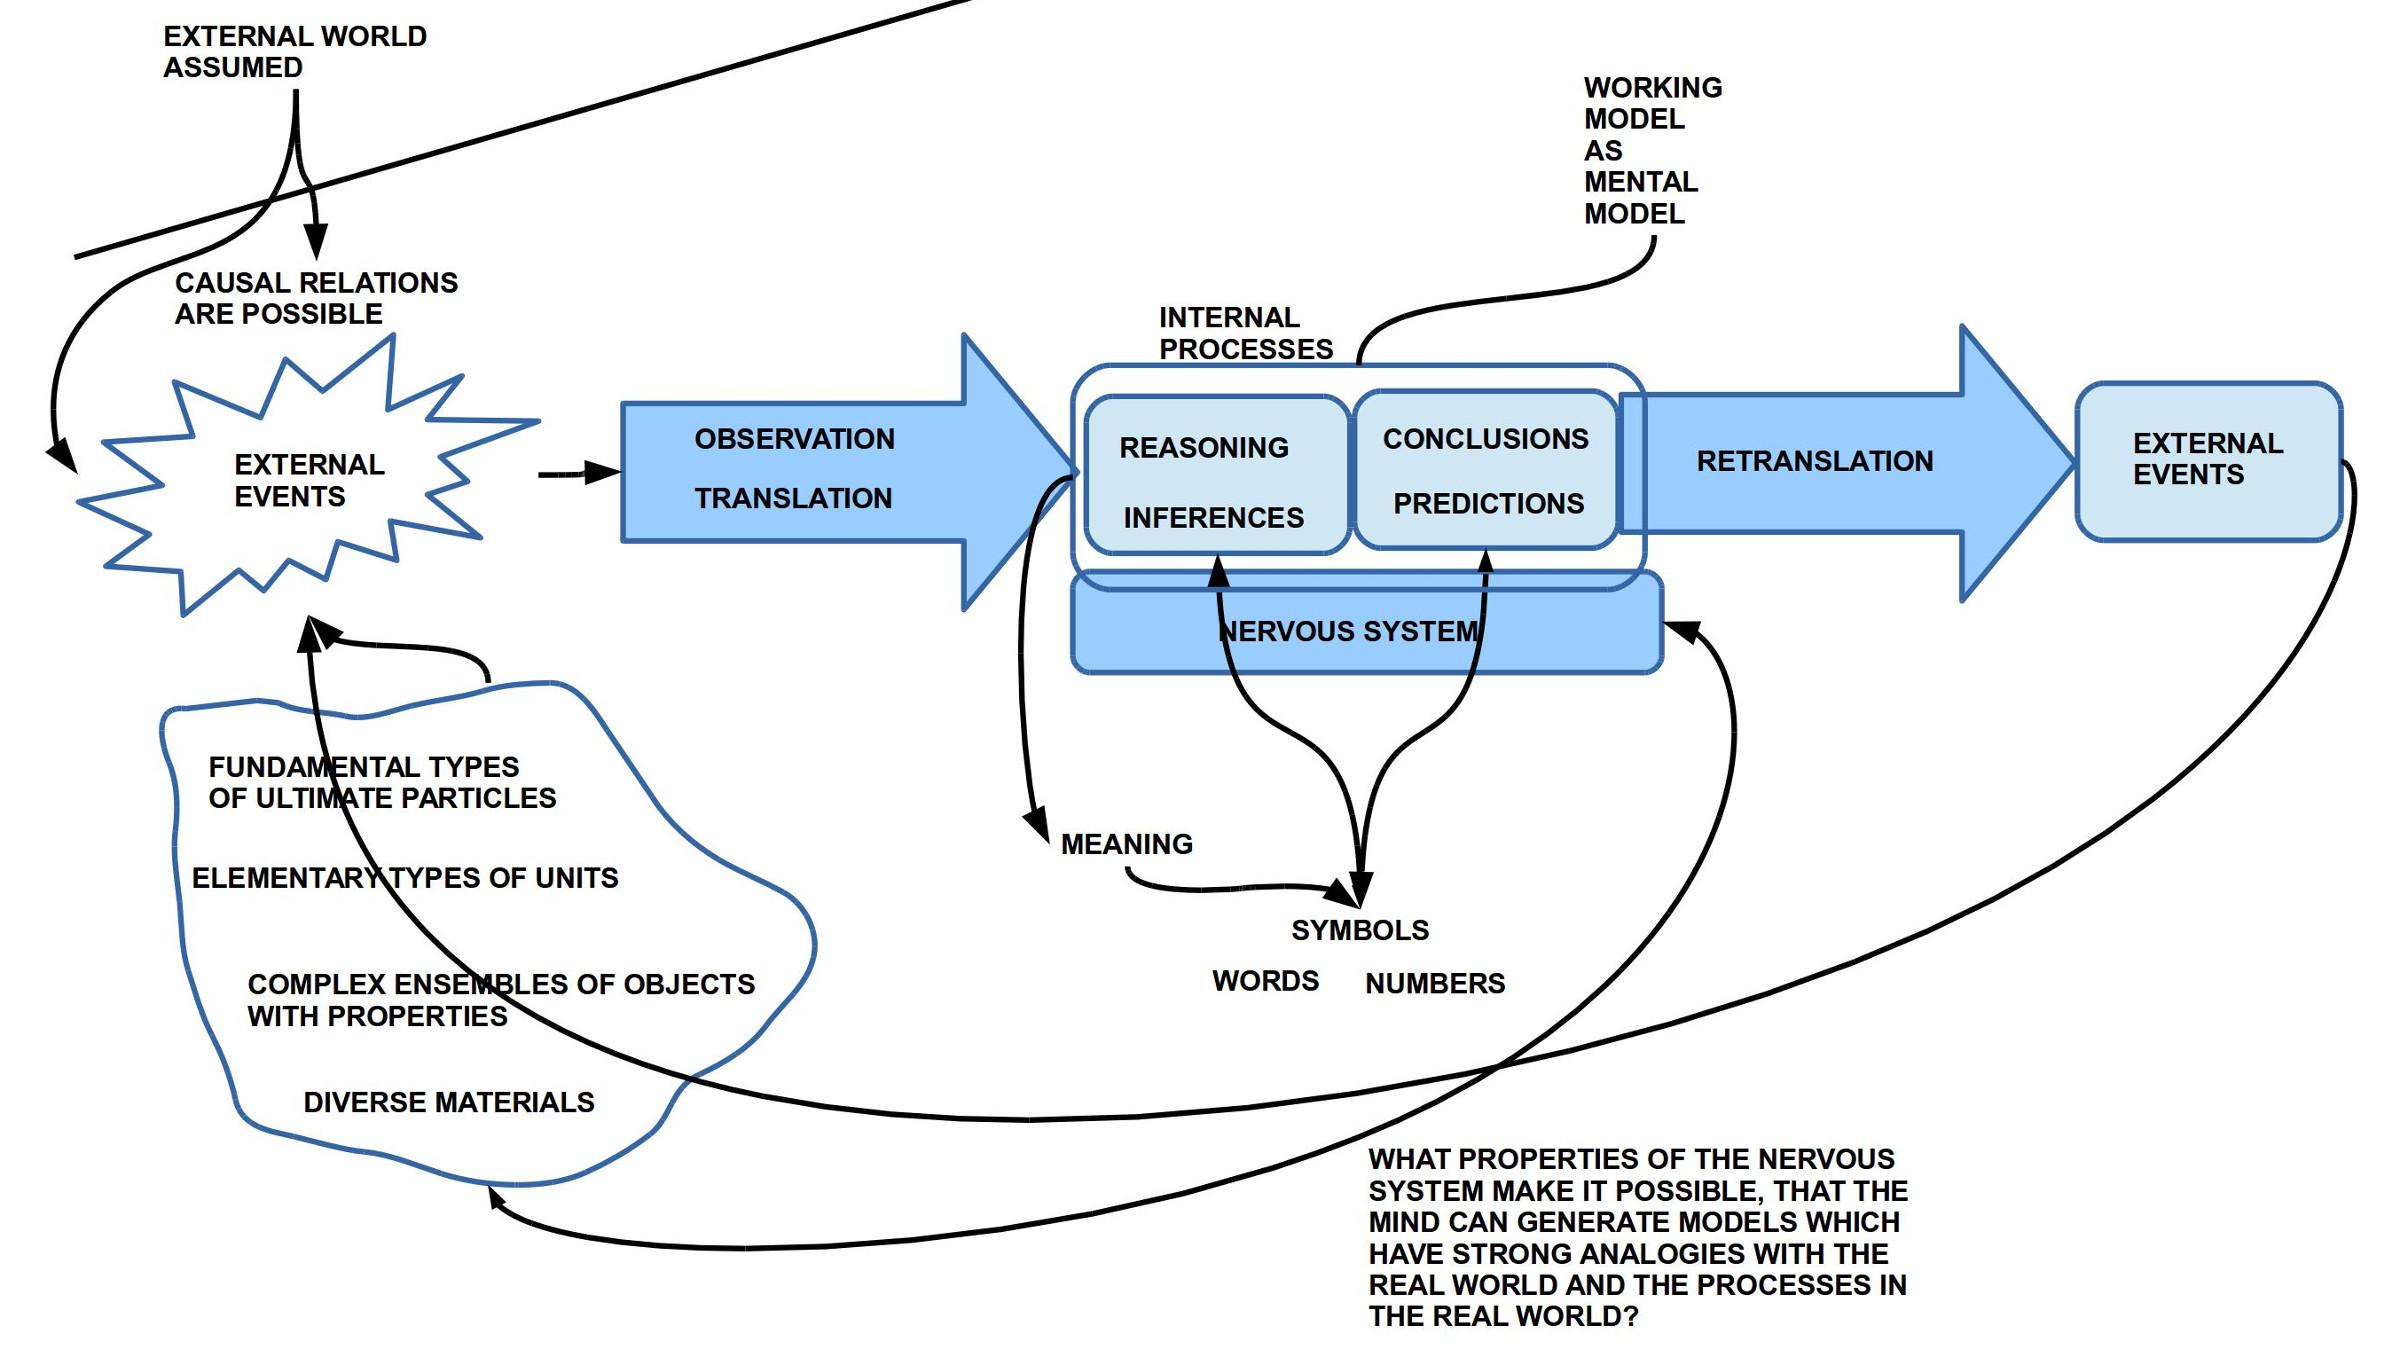 K.Craik - Die Erkennungsleistung des Systems Mensch